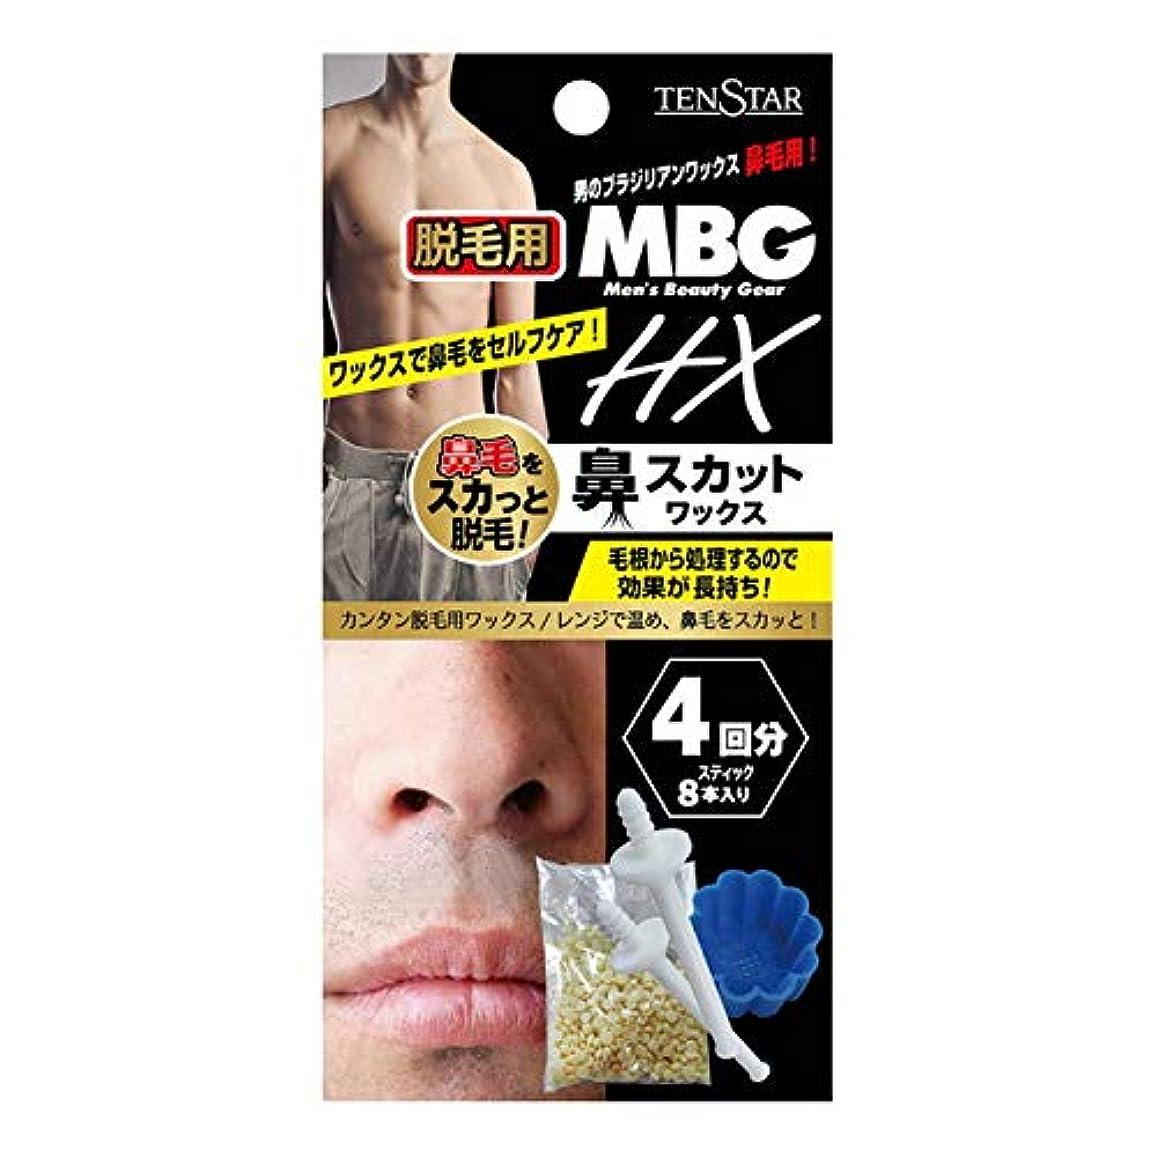 乳剤乙女あいまいなMBG2-29 MBG HX鼻スカットワックス 20g